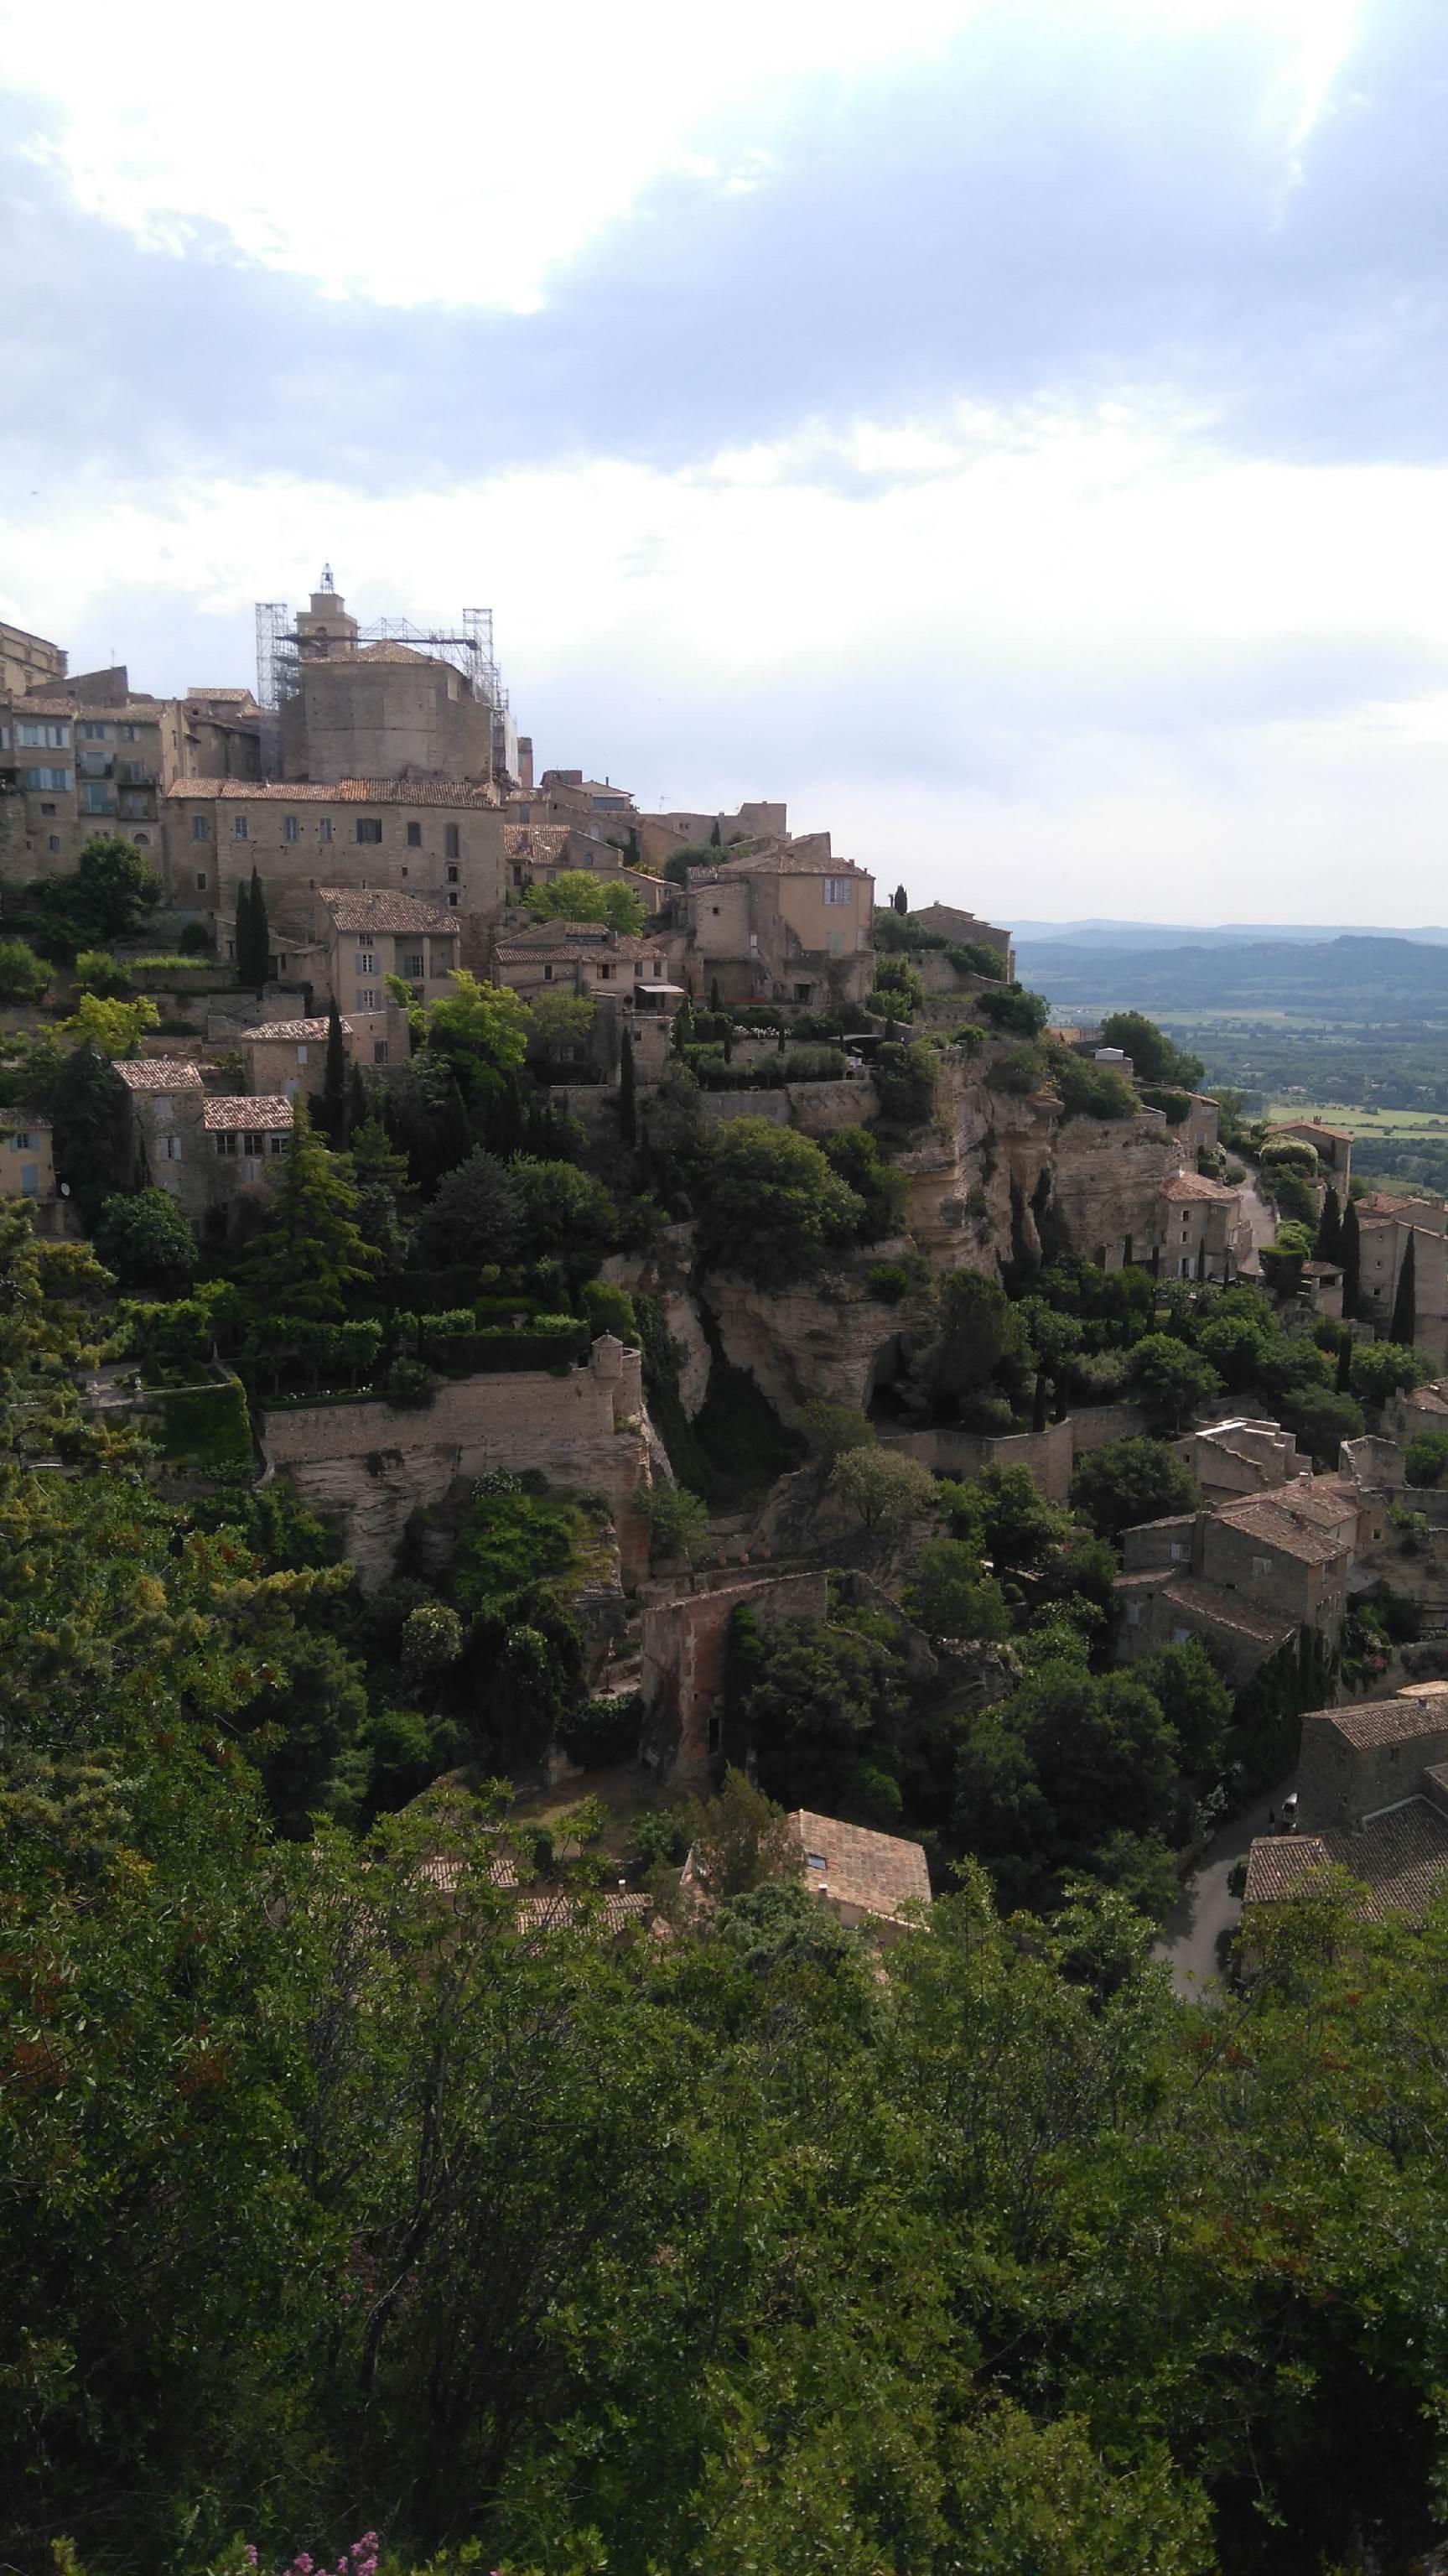 Projekt: Schüleraustausch mit Arles (Südfrankreich)